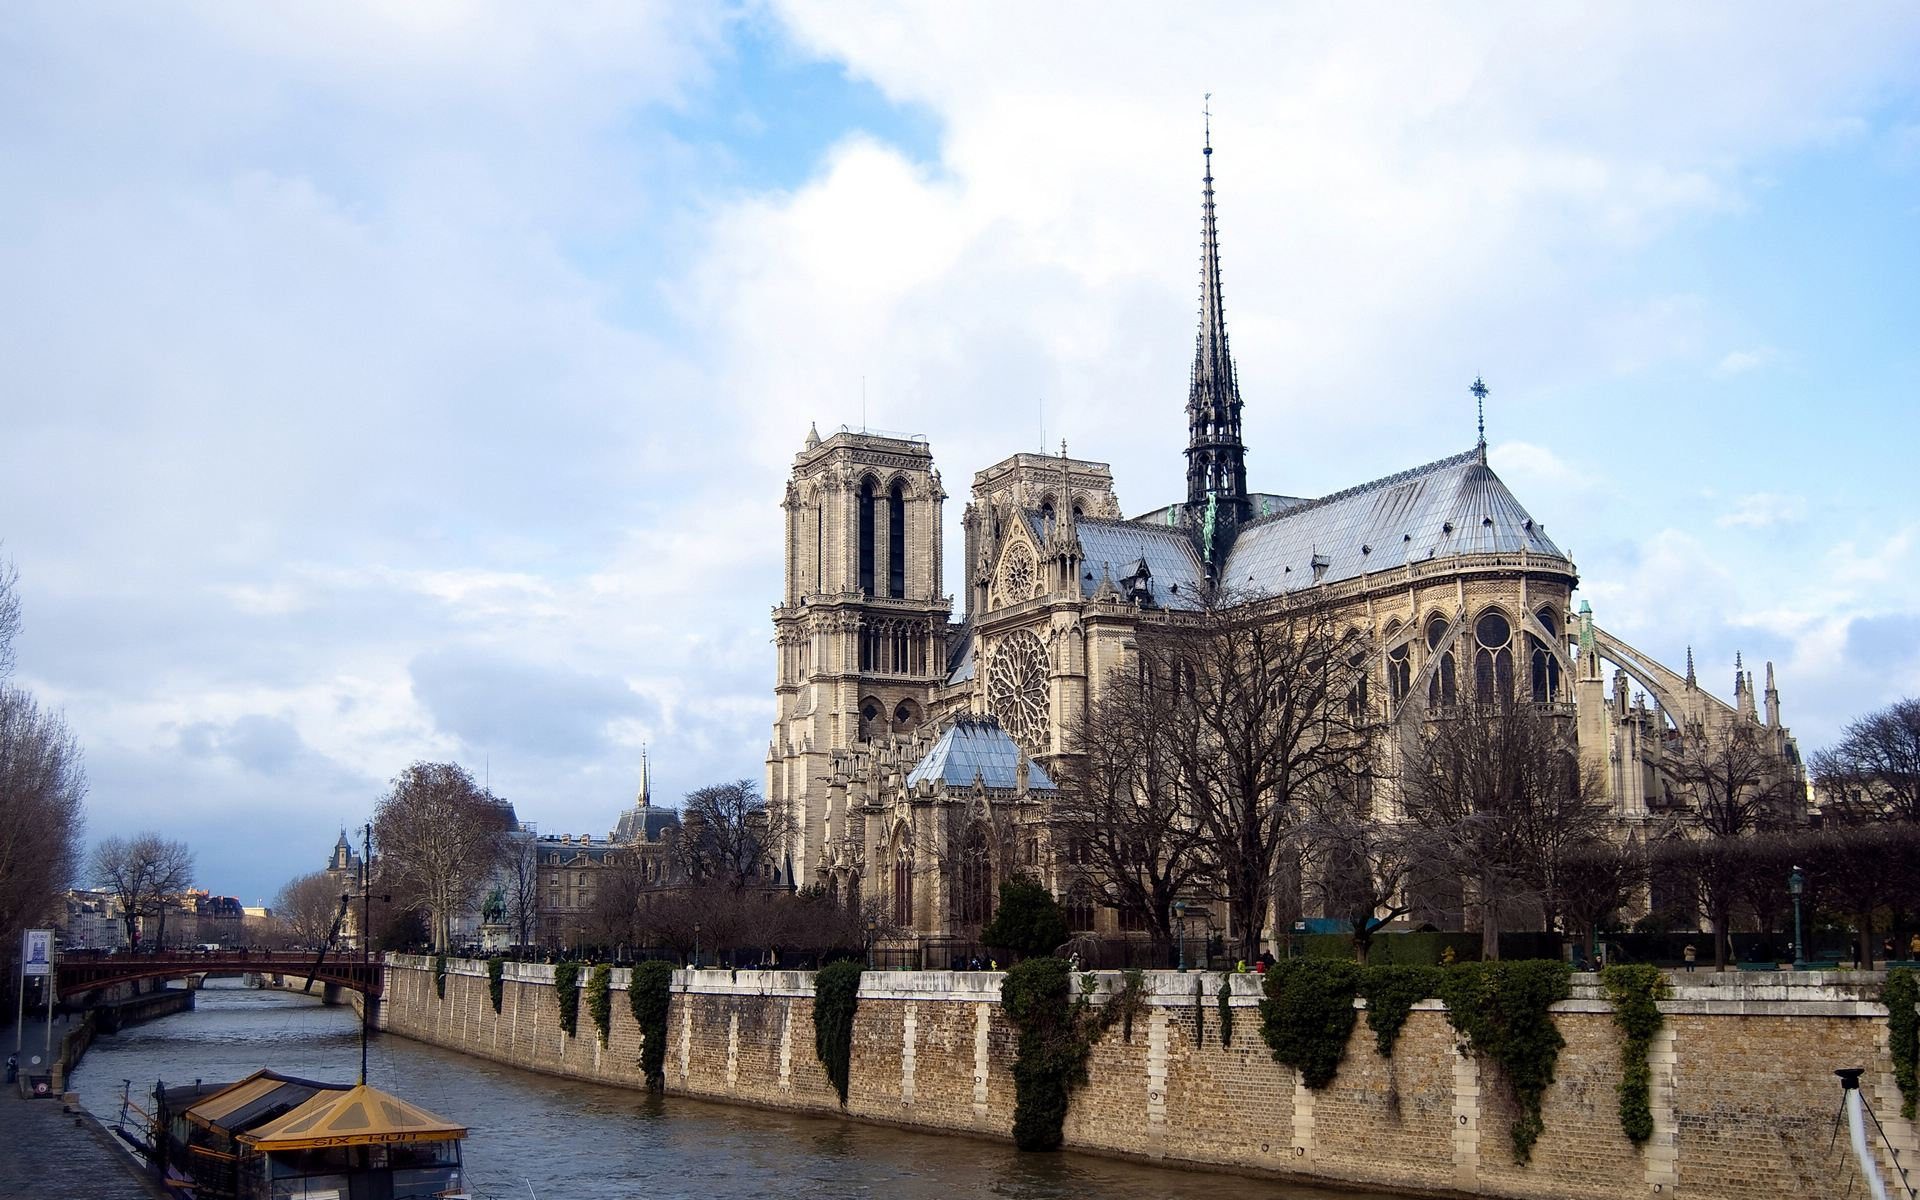 巴黎圣母院大火毁坏前照片 巴黎圣母院技术成面可以原样重建